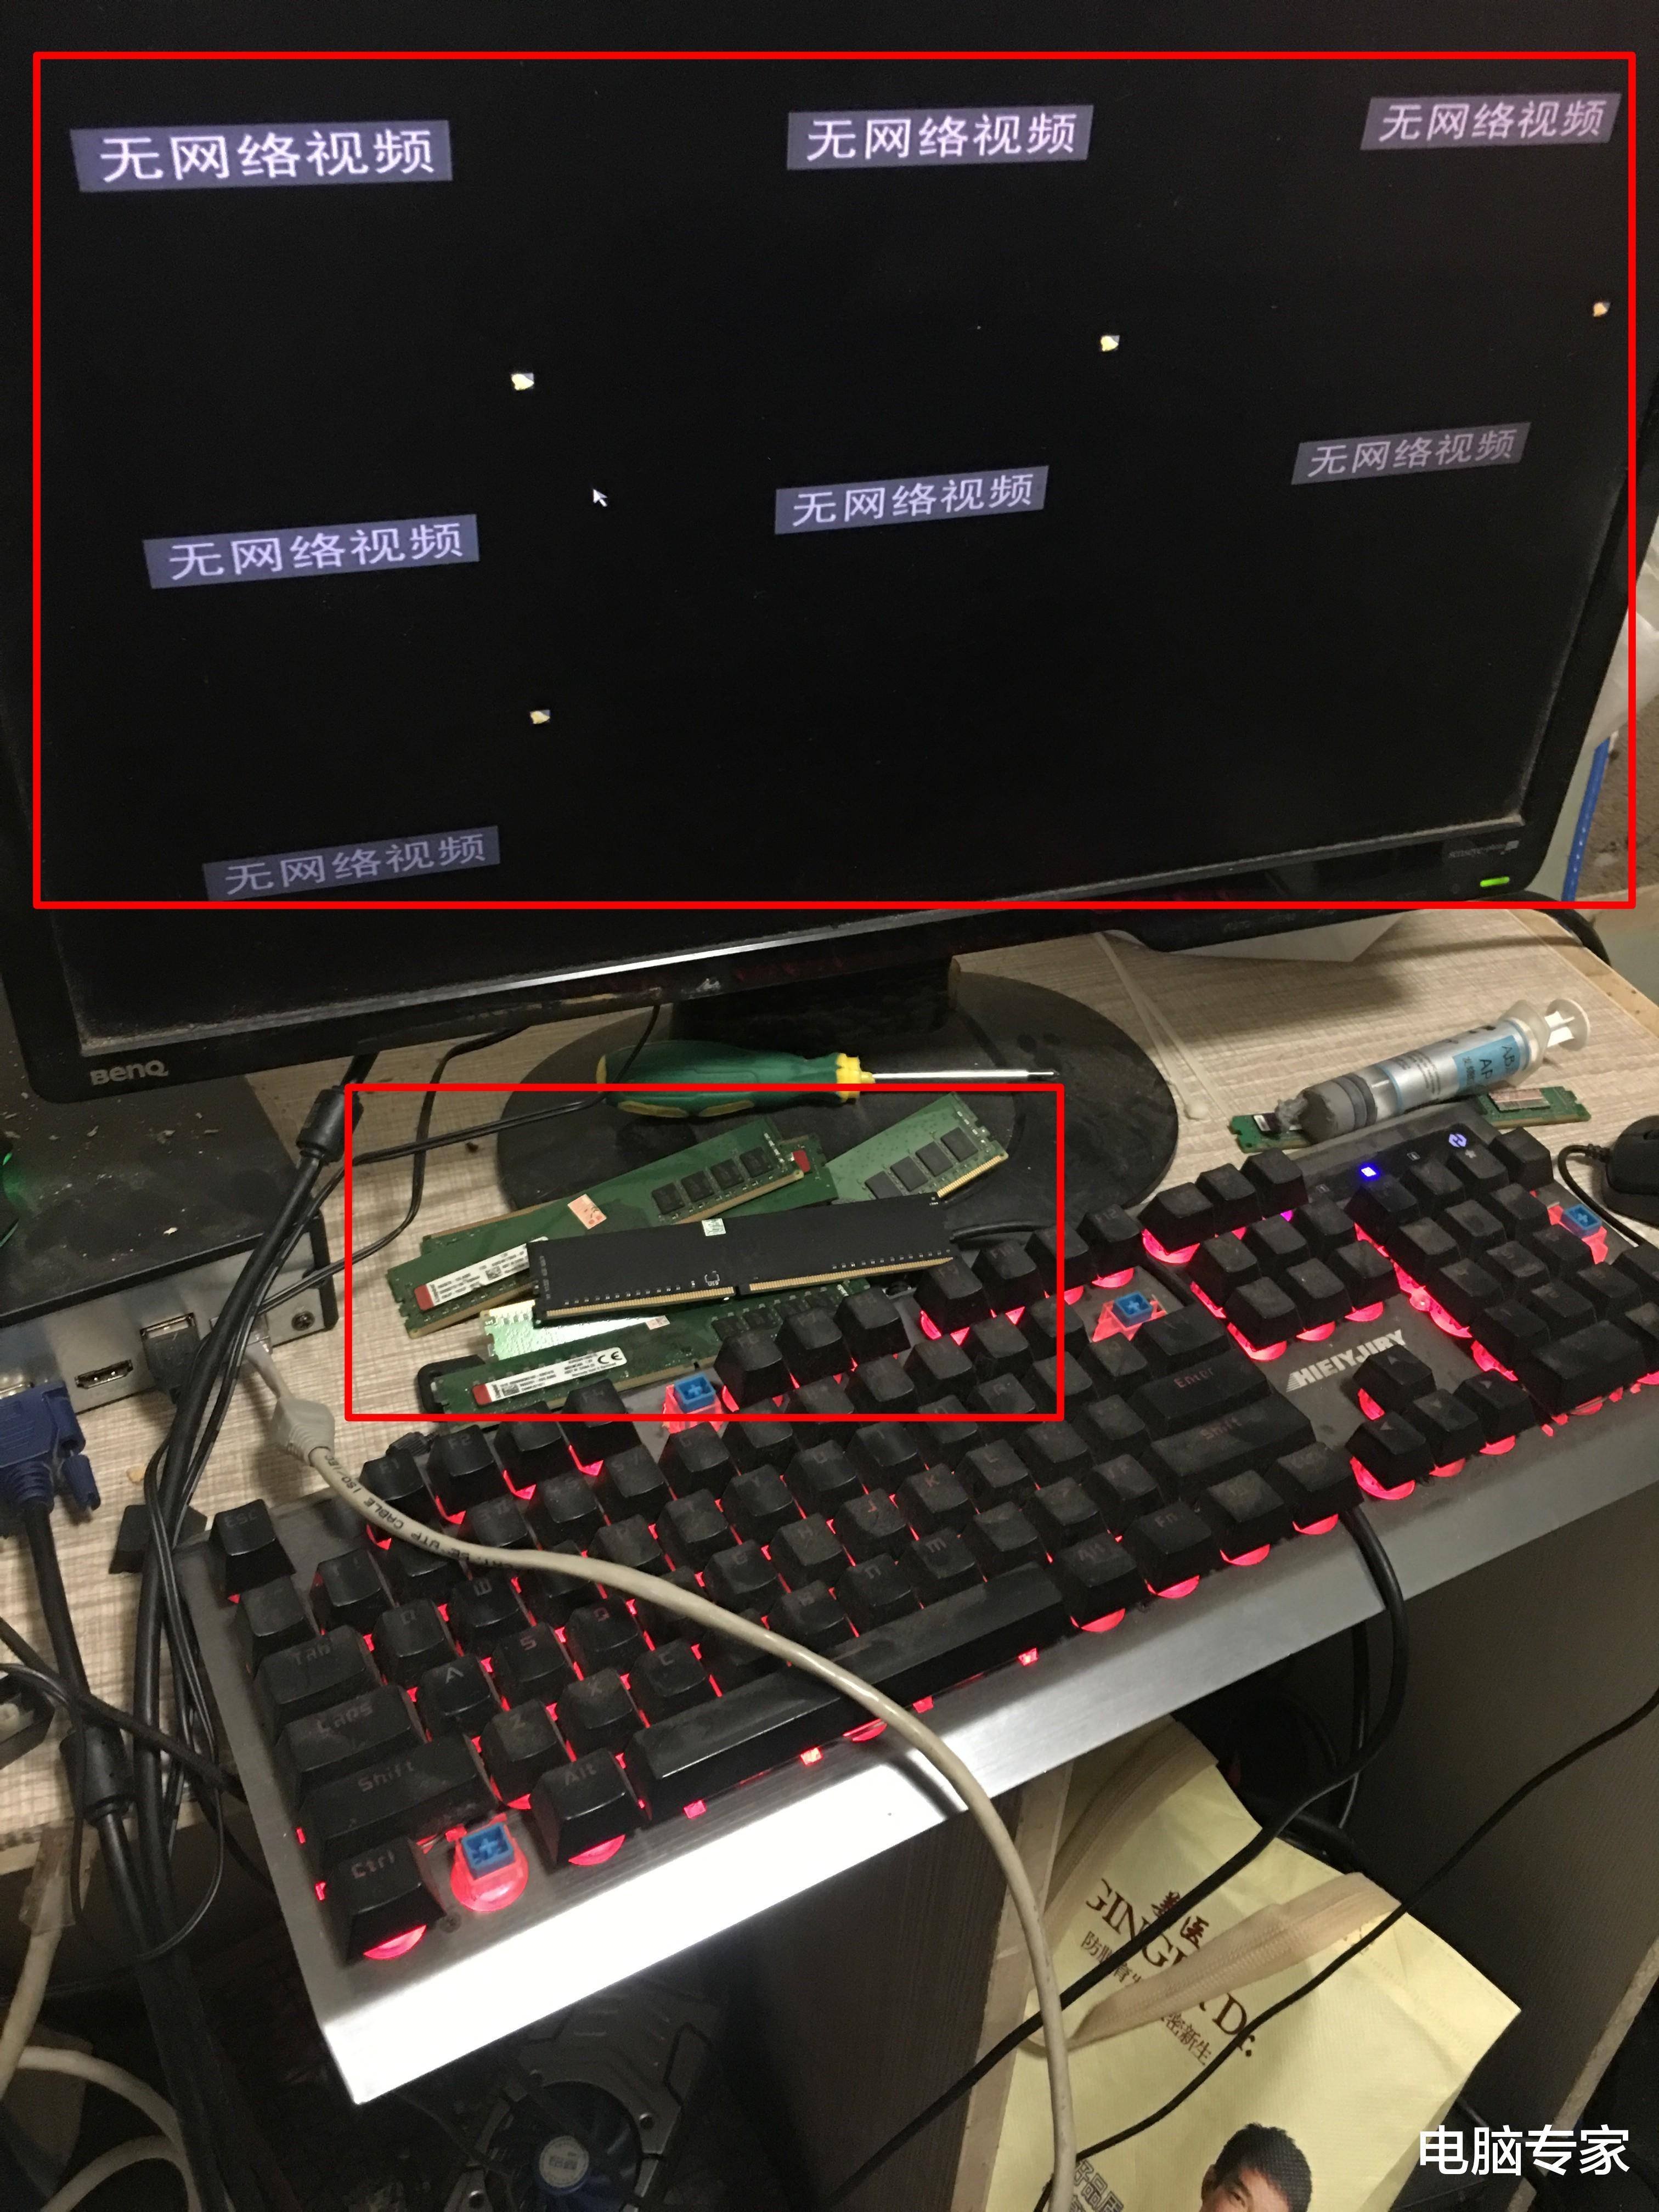 """网吧的网管对网吧内电脑频频""""动手"""",这样的网管谁敢用?"""